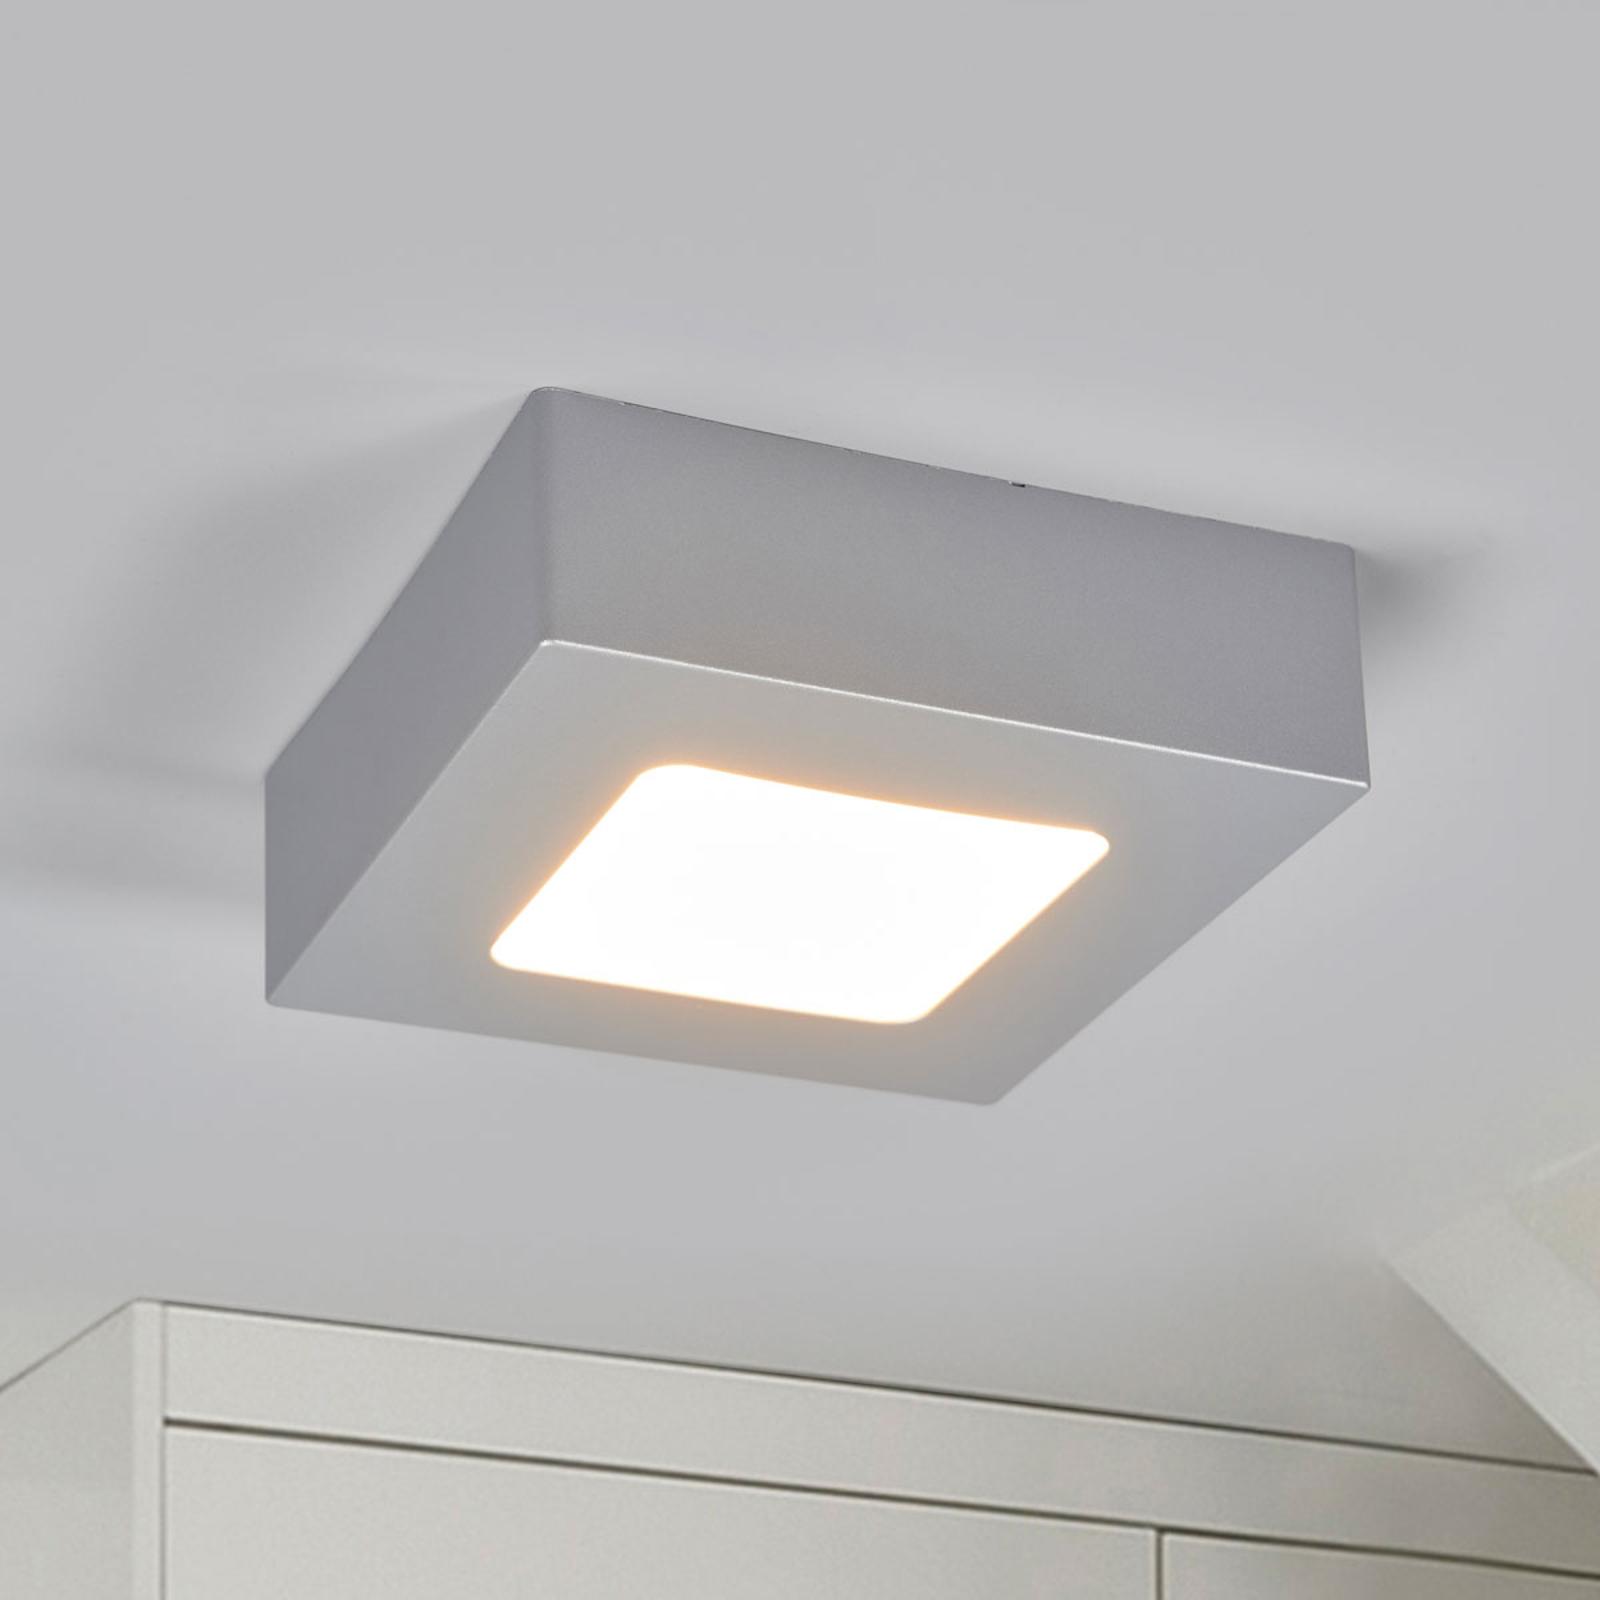 Marlo LED-loftlampe sølv 3000K kantet 12,8cm